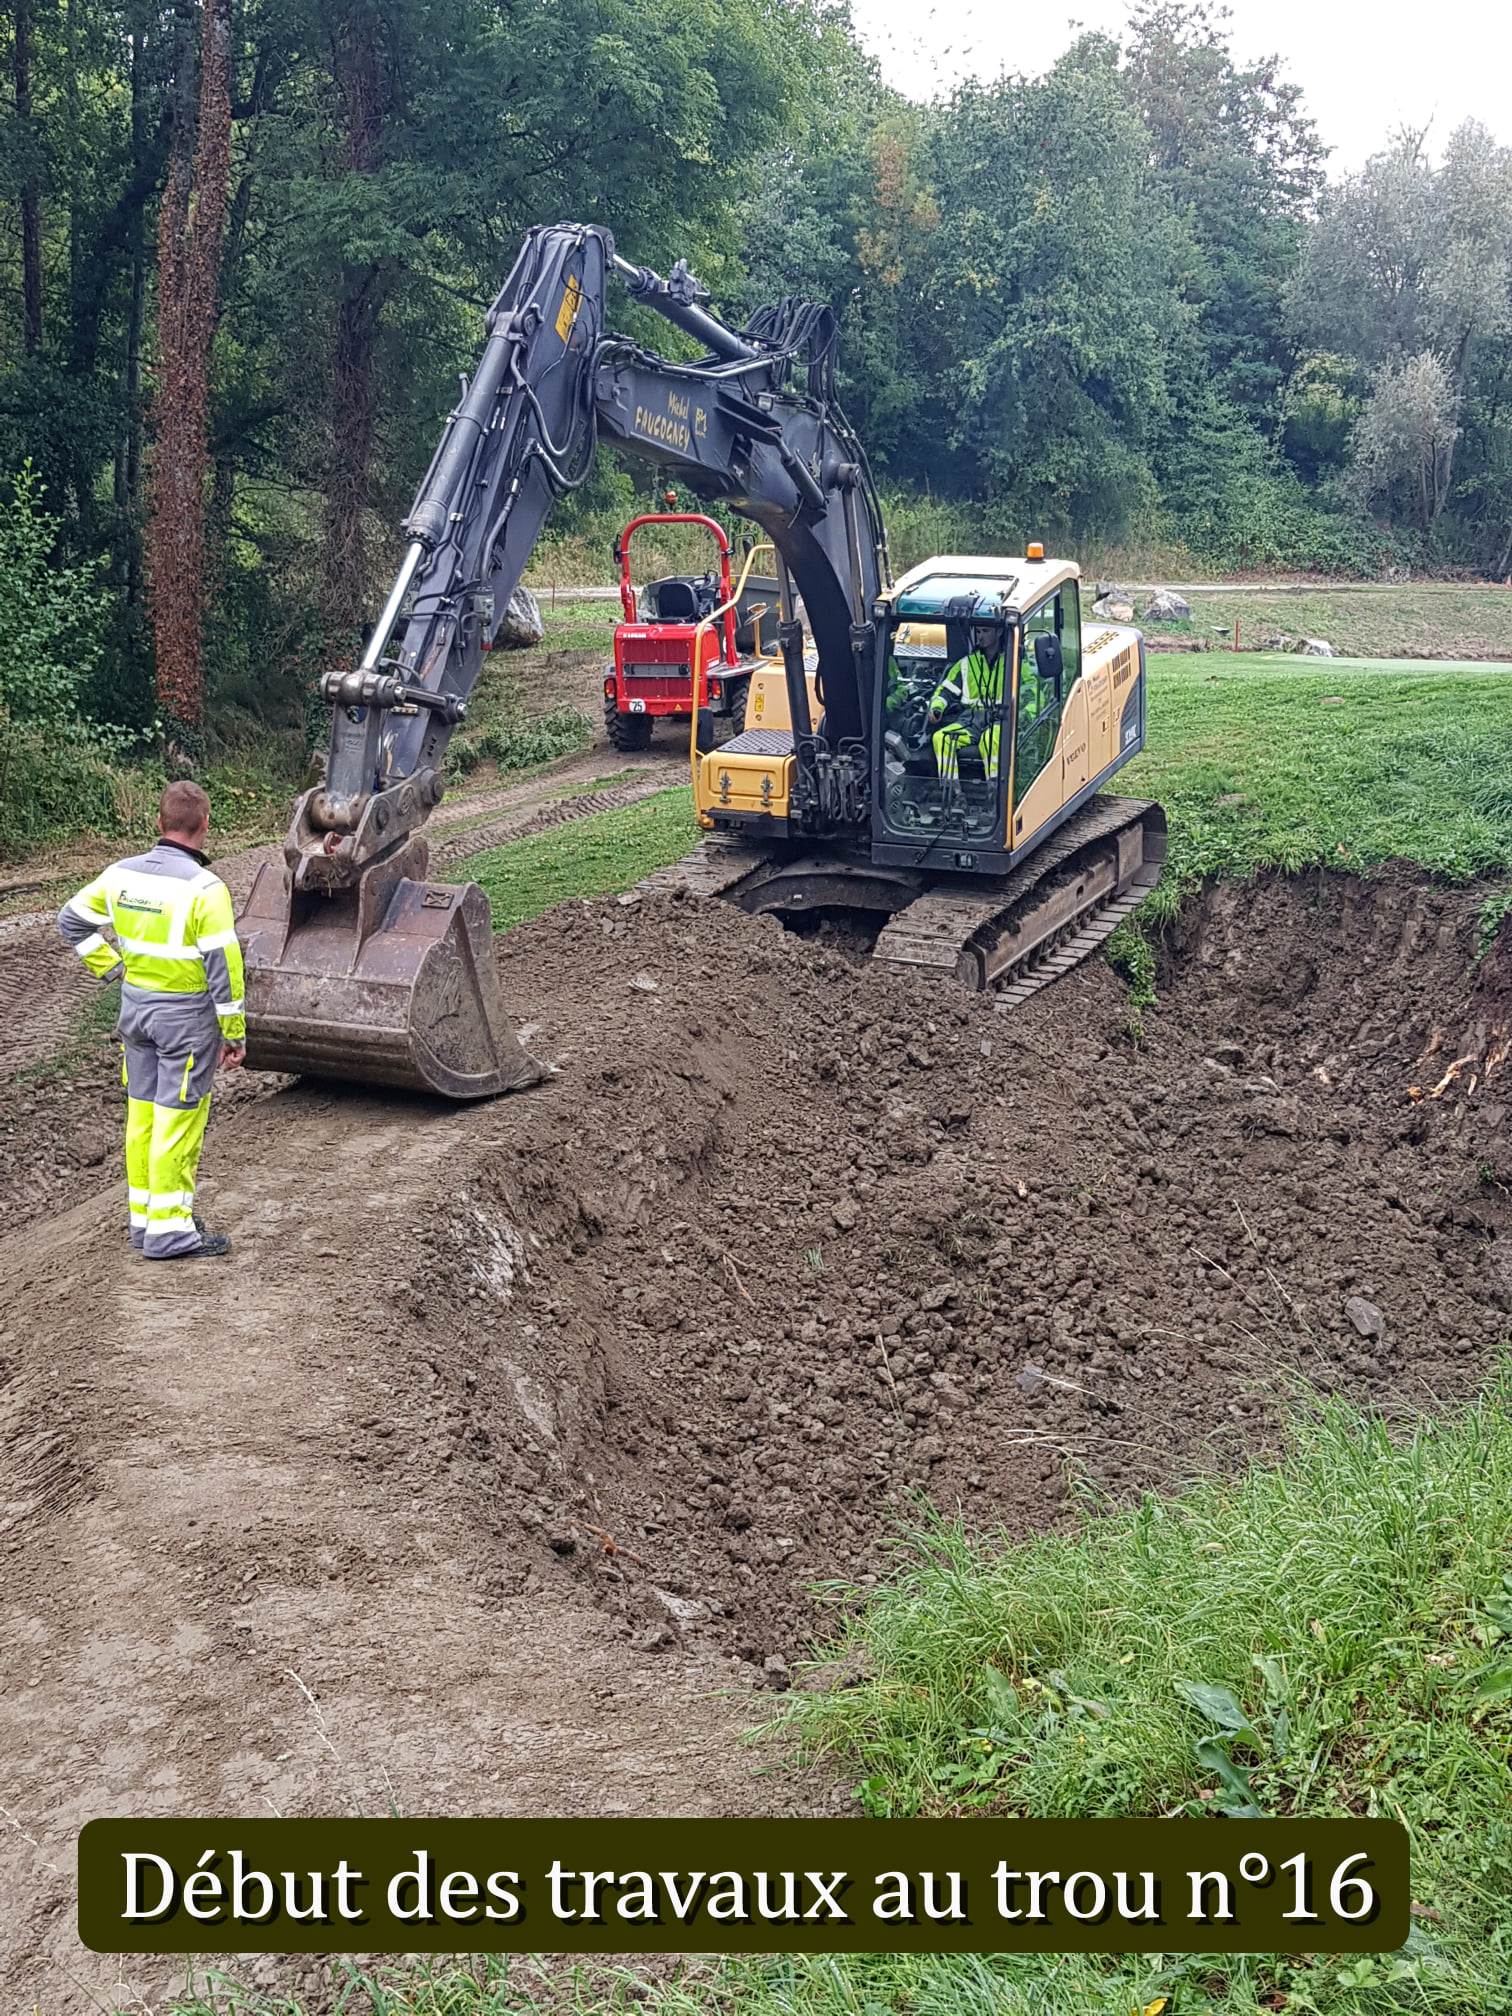 Les travaux de rénovation du parcours ont débuté le 31 août avec la préparation de la zone de stockage des boues de l'étang du trou N°16. La société FAUCOGNEY TP, mandatée par le Département a commencé ce matin le curage. Durée des travaux une quinzaine de jours. Le trou reste accessible pour les joueurs.